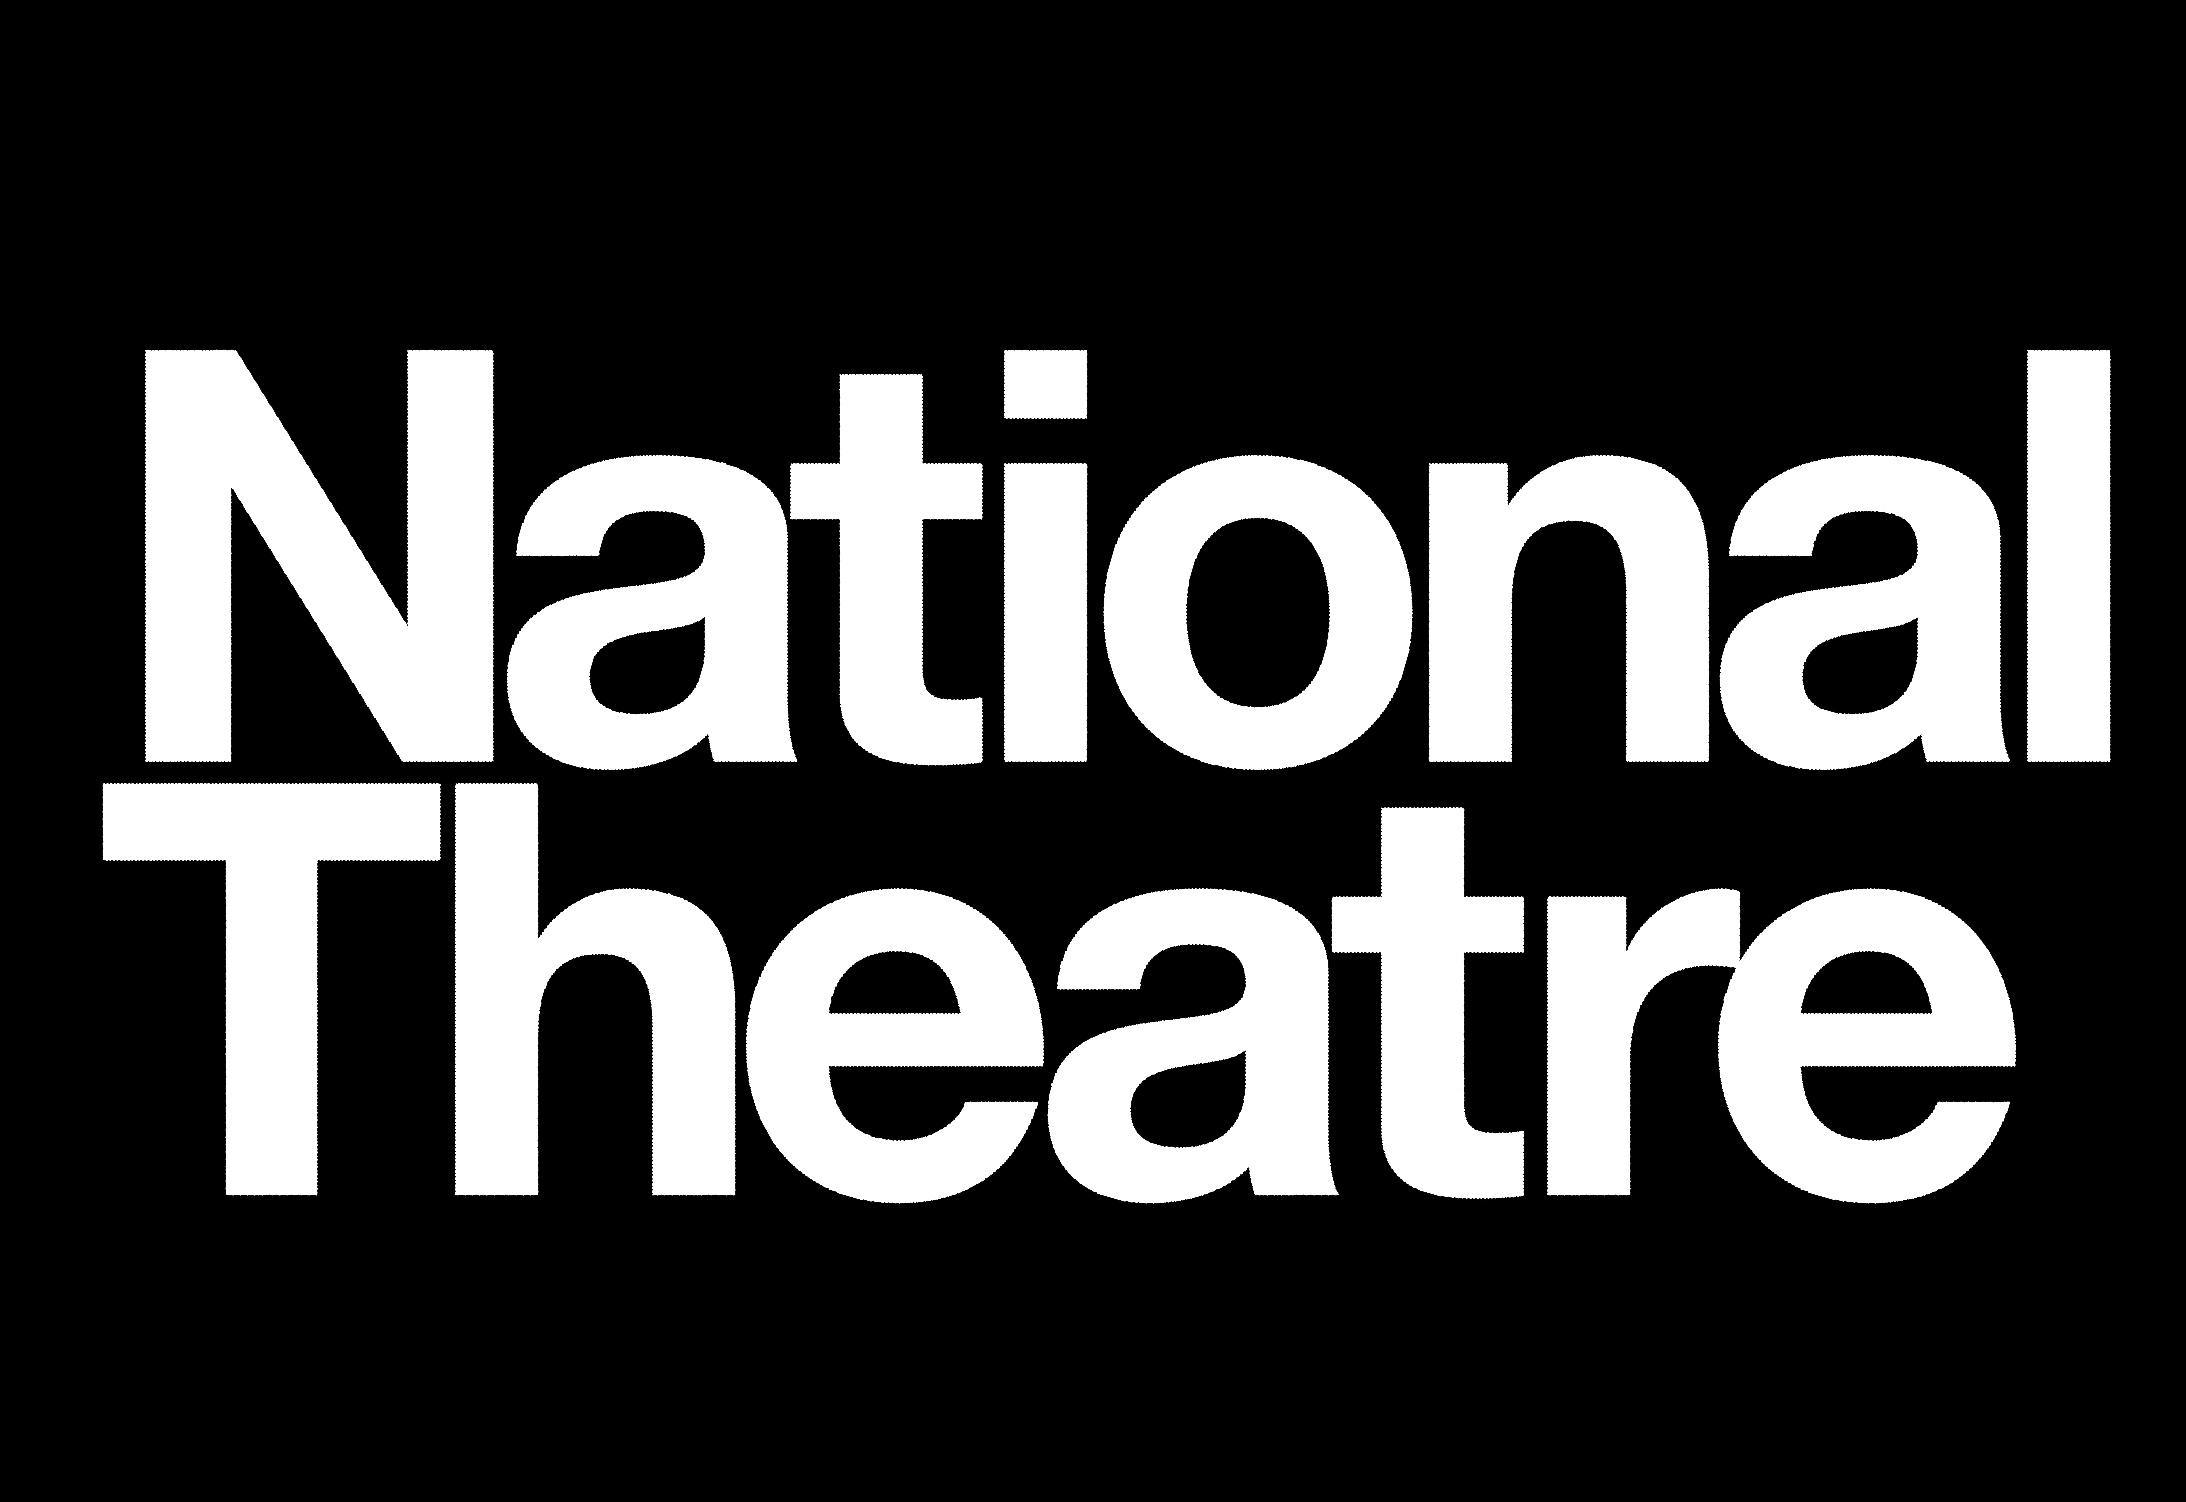 nationaltheatre_white-on-black-logo